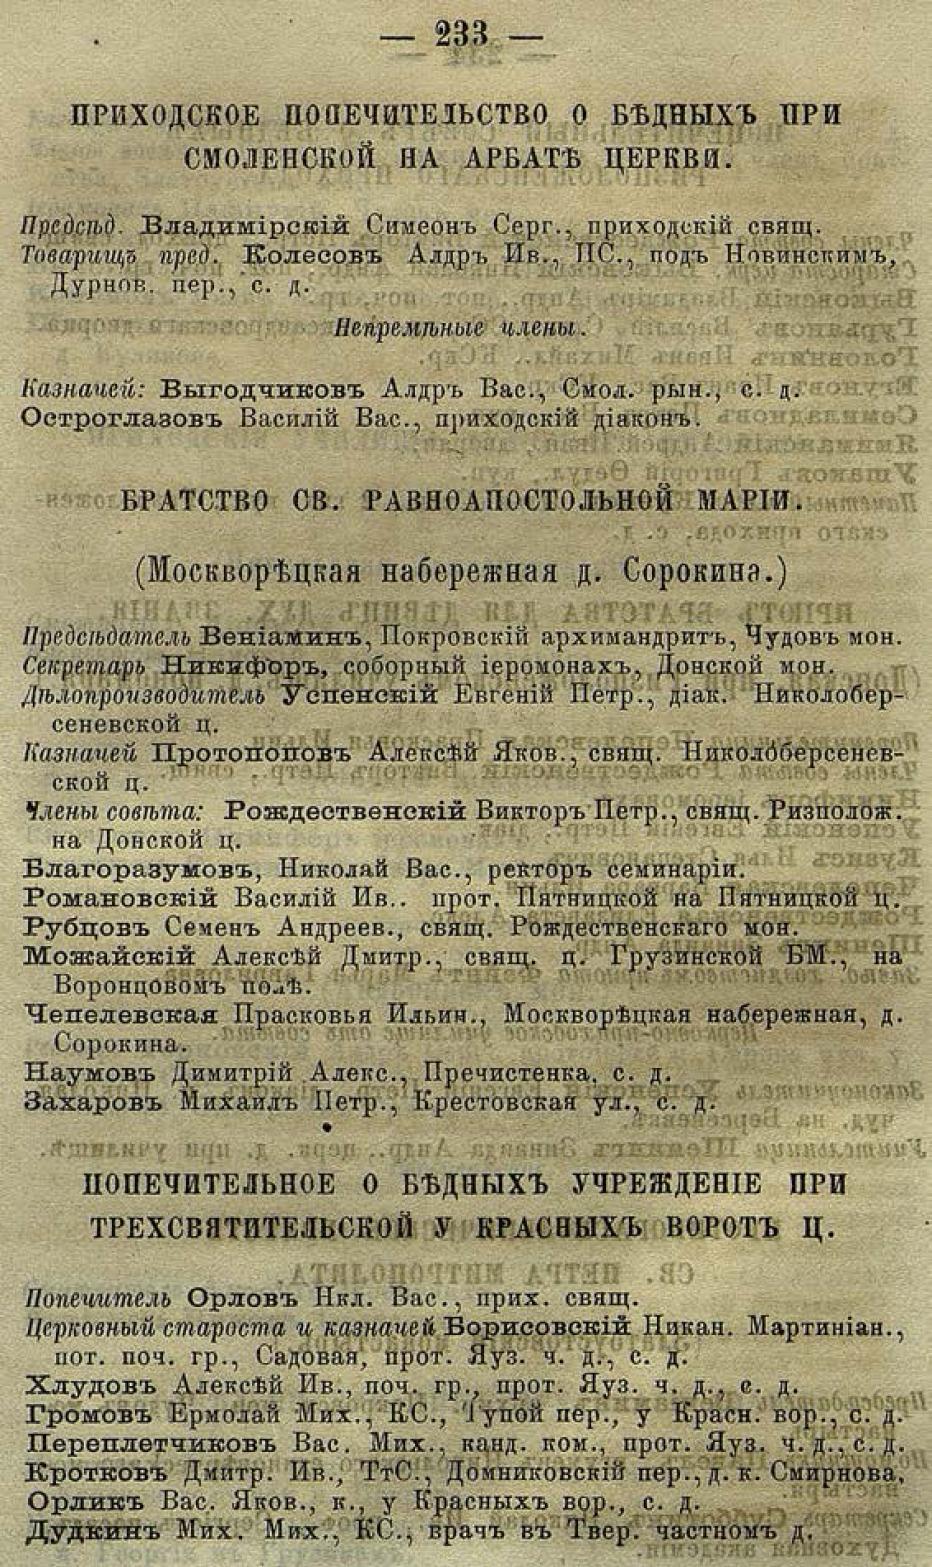 http://images.vfl.ru/ii/1406811052/c106980b/5858131.jpg